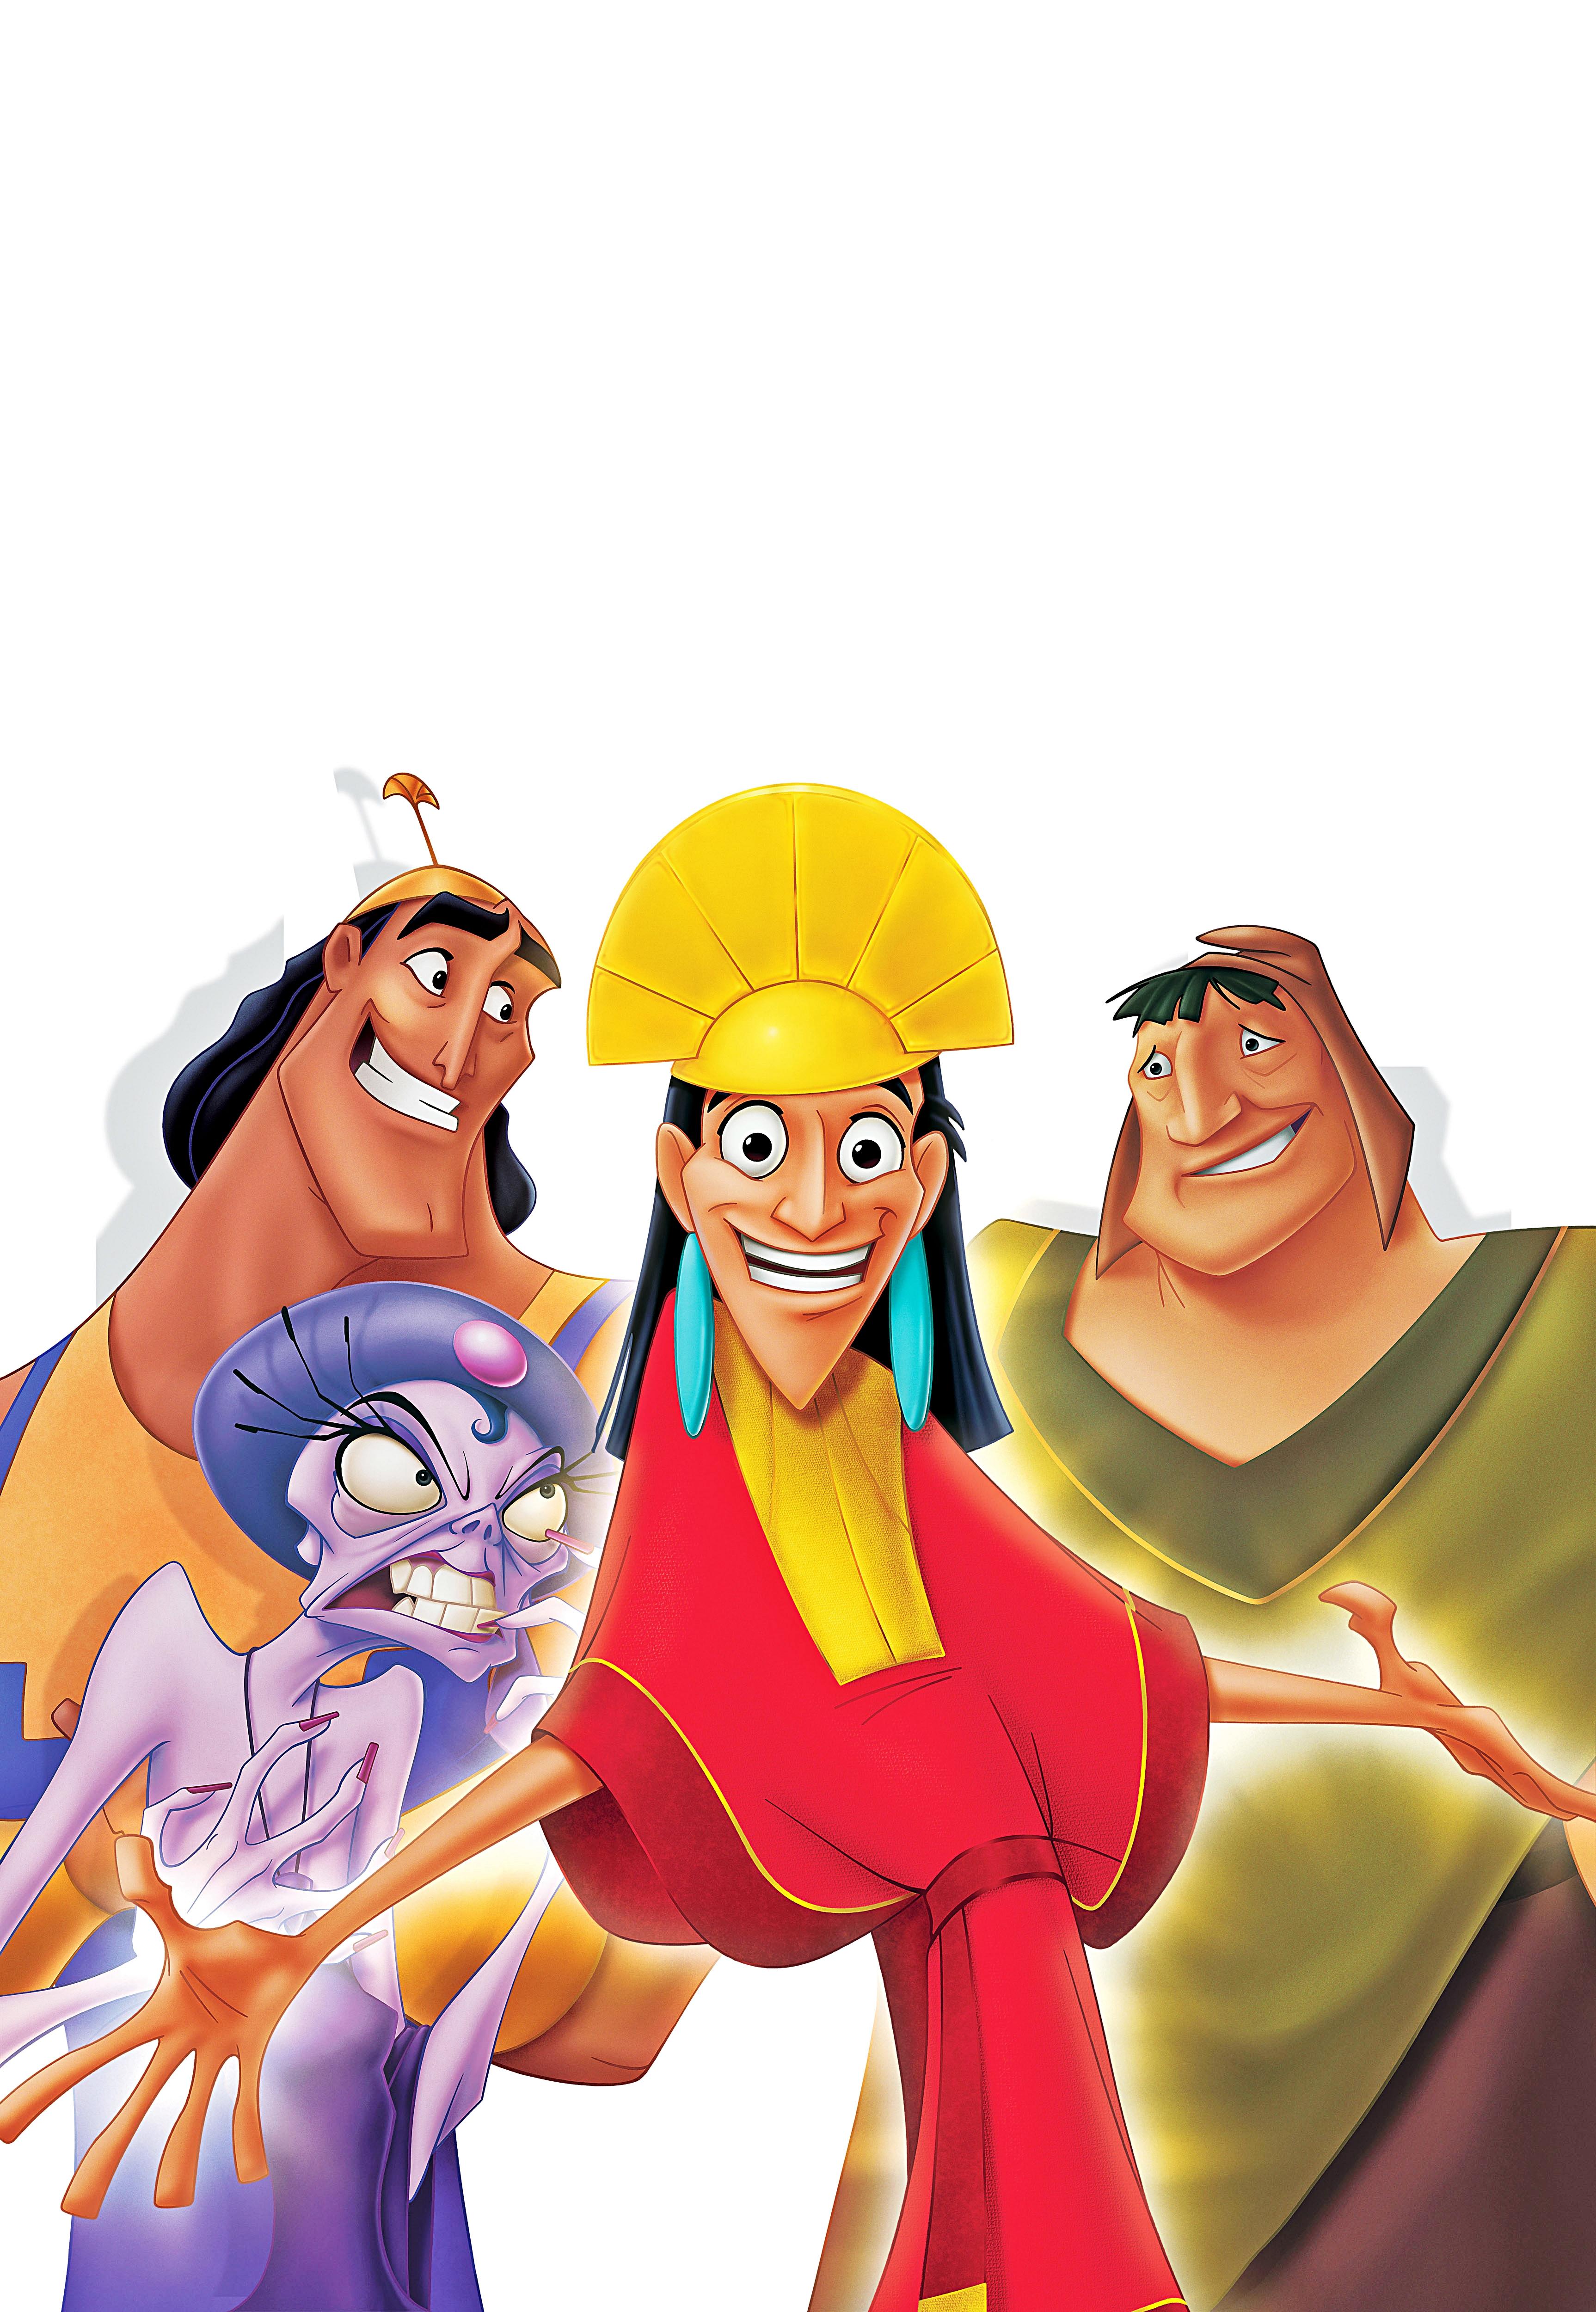 Walt Disney Posters - The Emperor's New Groove